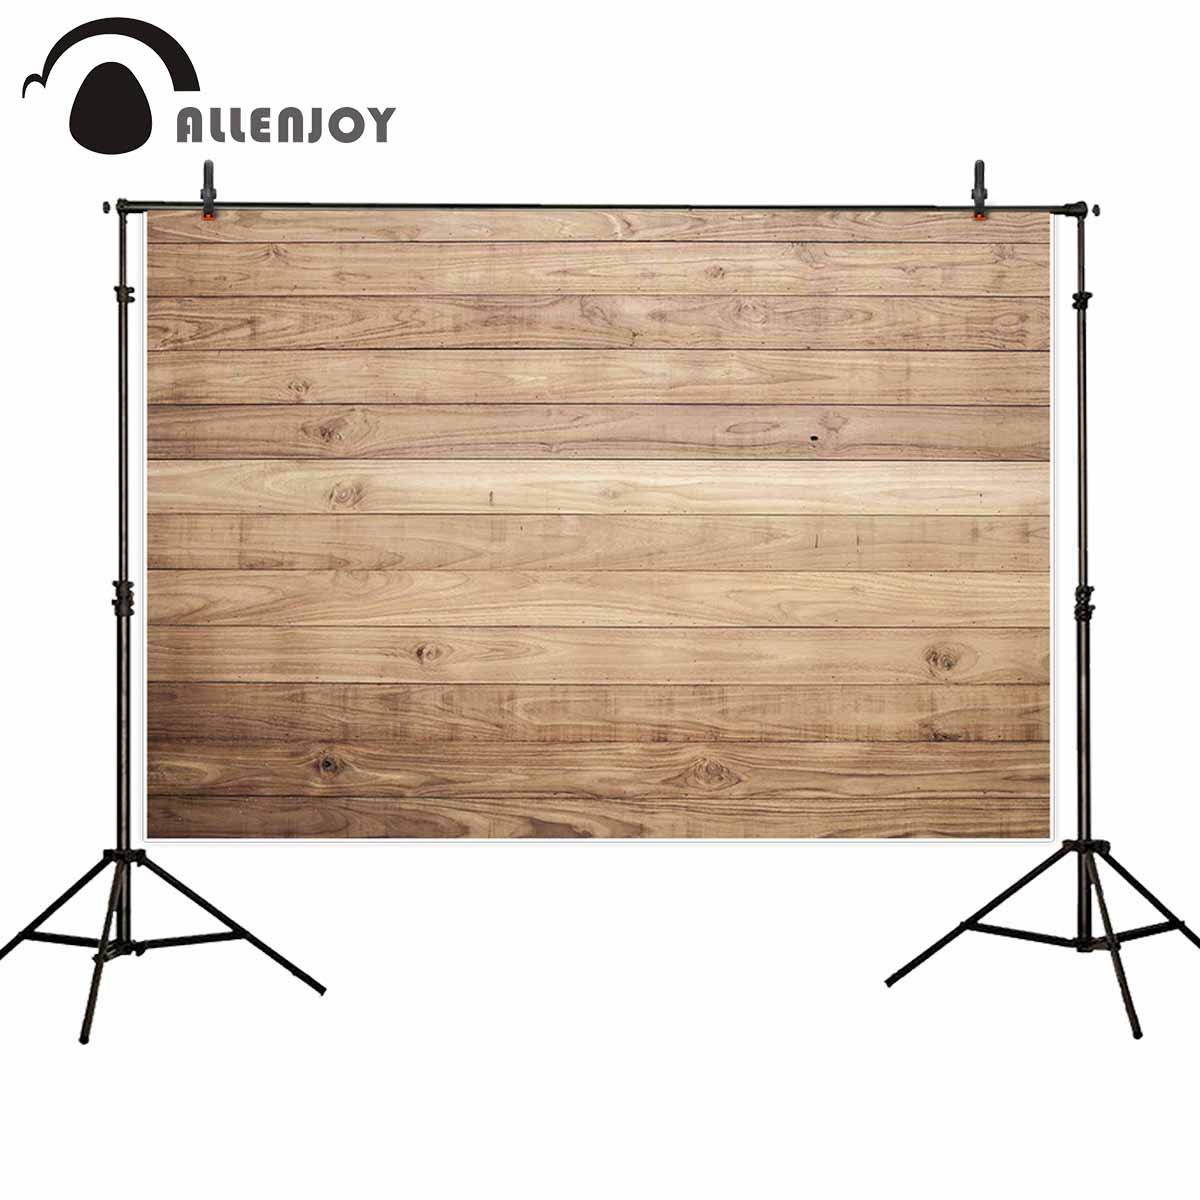 Allenjoy bakgrund för fotografisk studio brun trä planka vägg - Kamera och foto